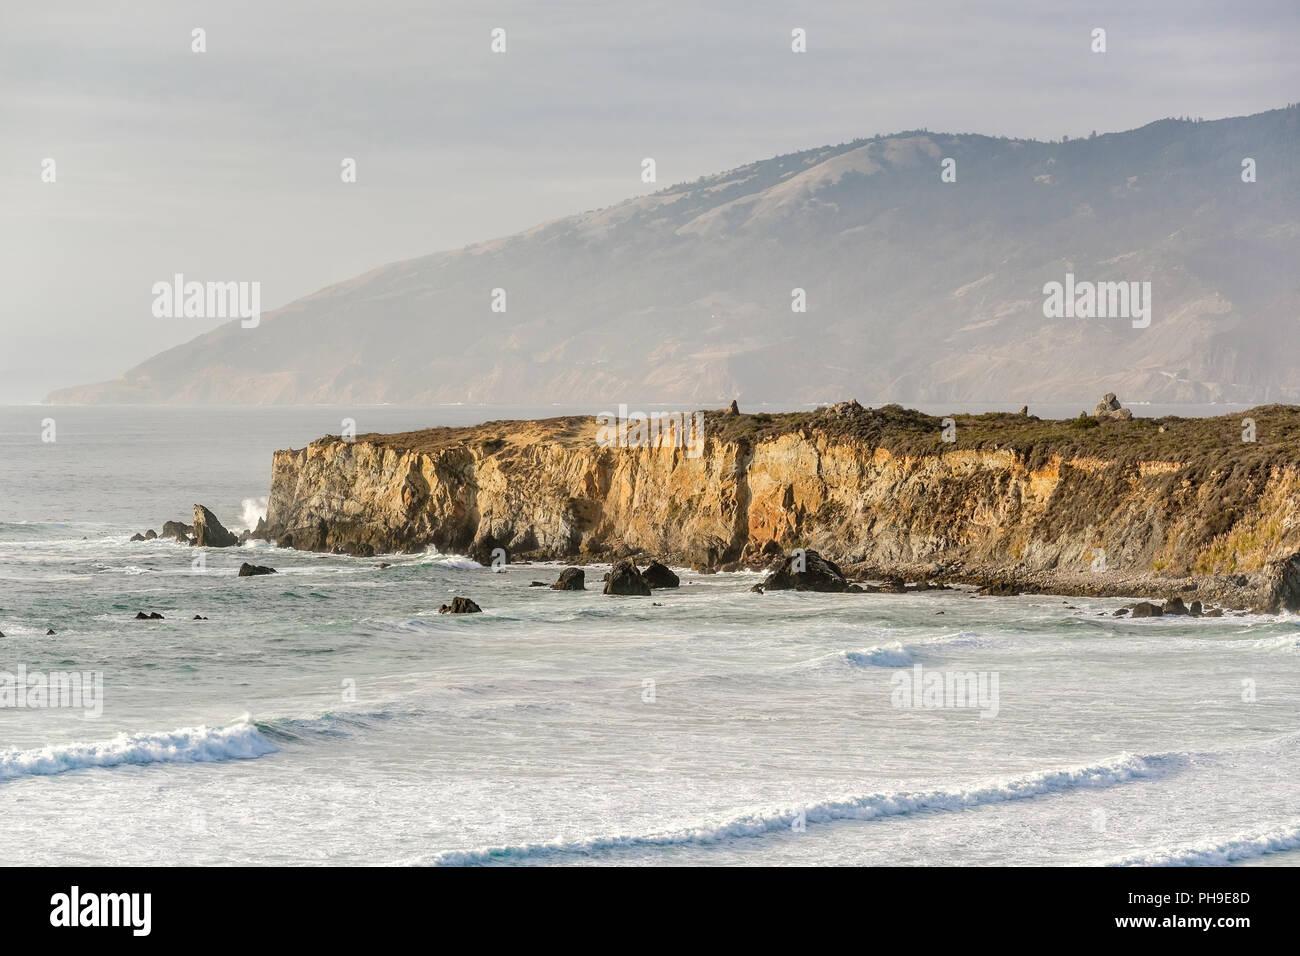 La costa del Pacífico de Estados Unidos, Dólar de Arena Beach, Big Sur, California Foto de stock